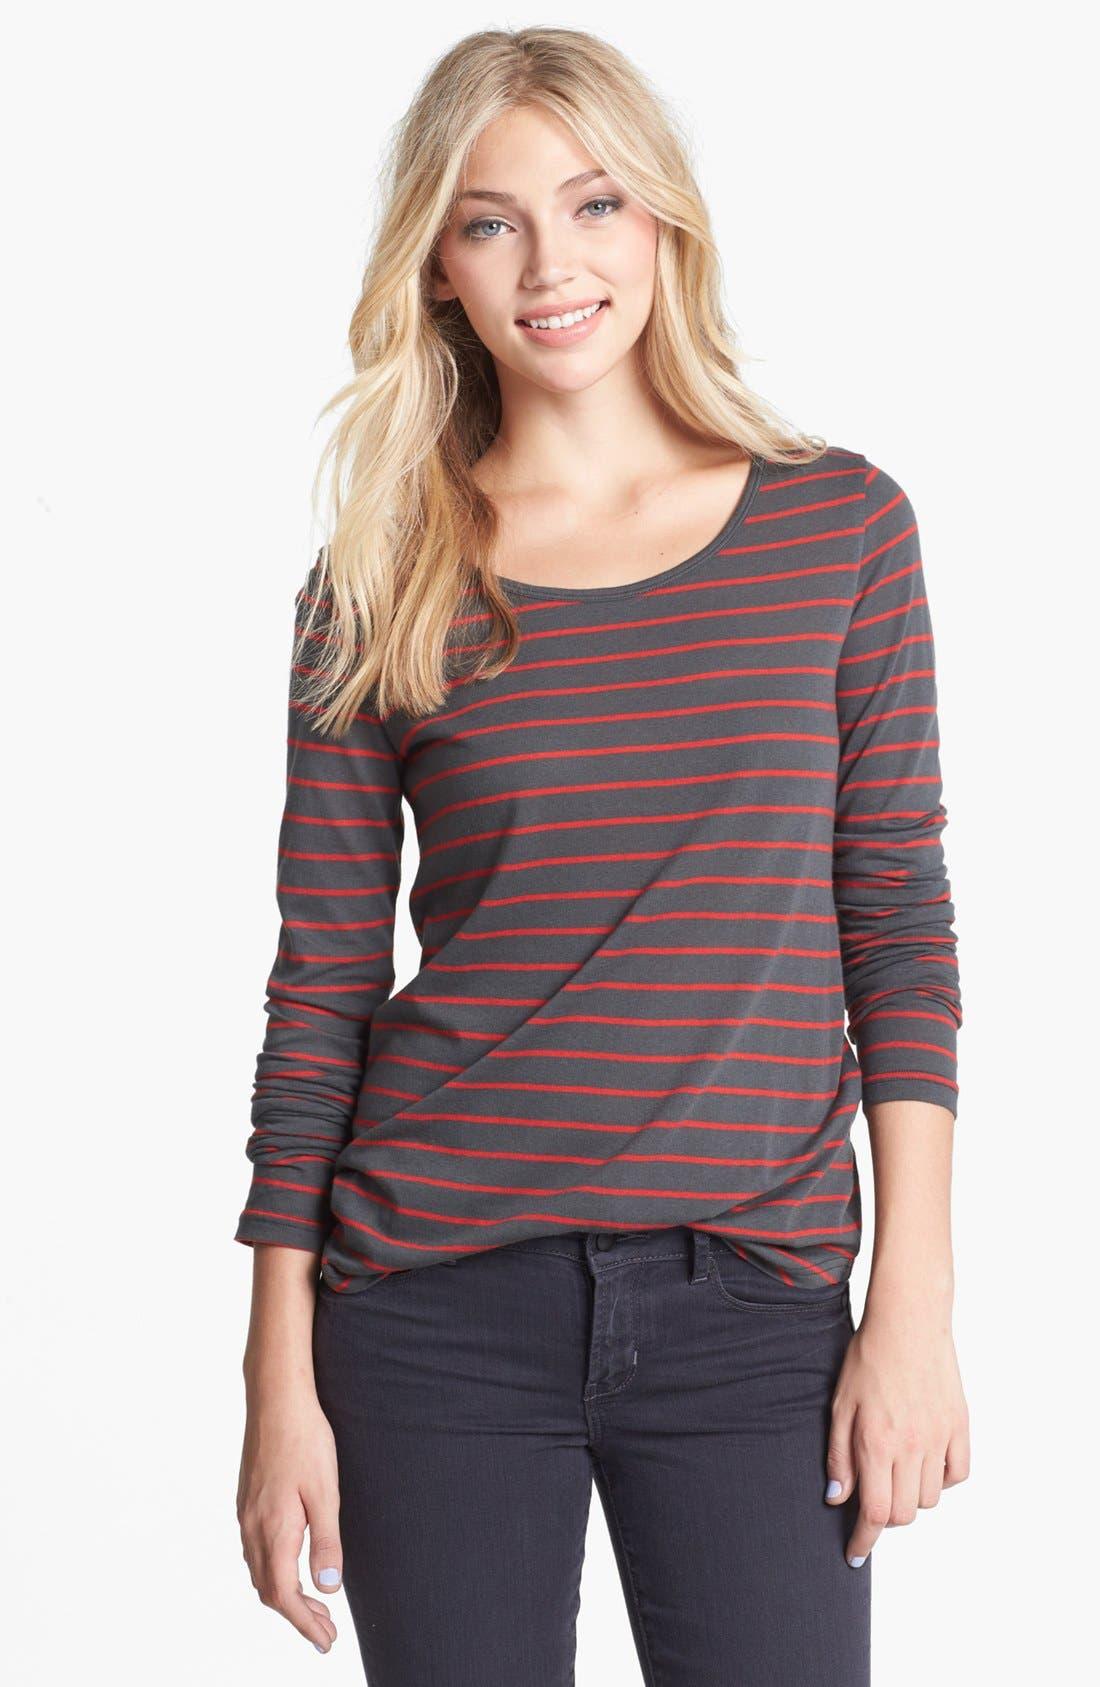 Alternate Image 1 Selected - BP. Stripe Long Sleeve Tee (Juniors)